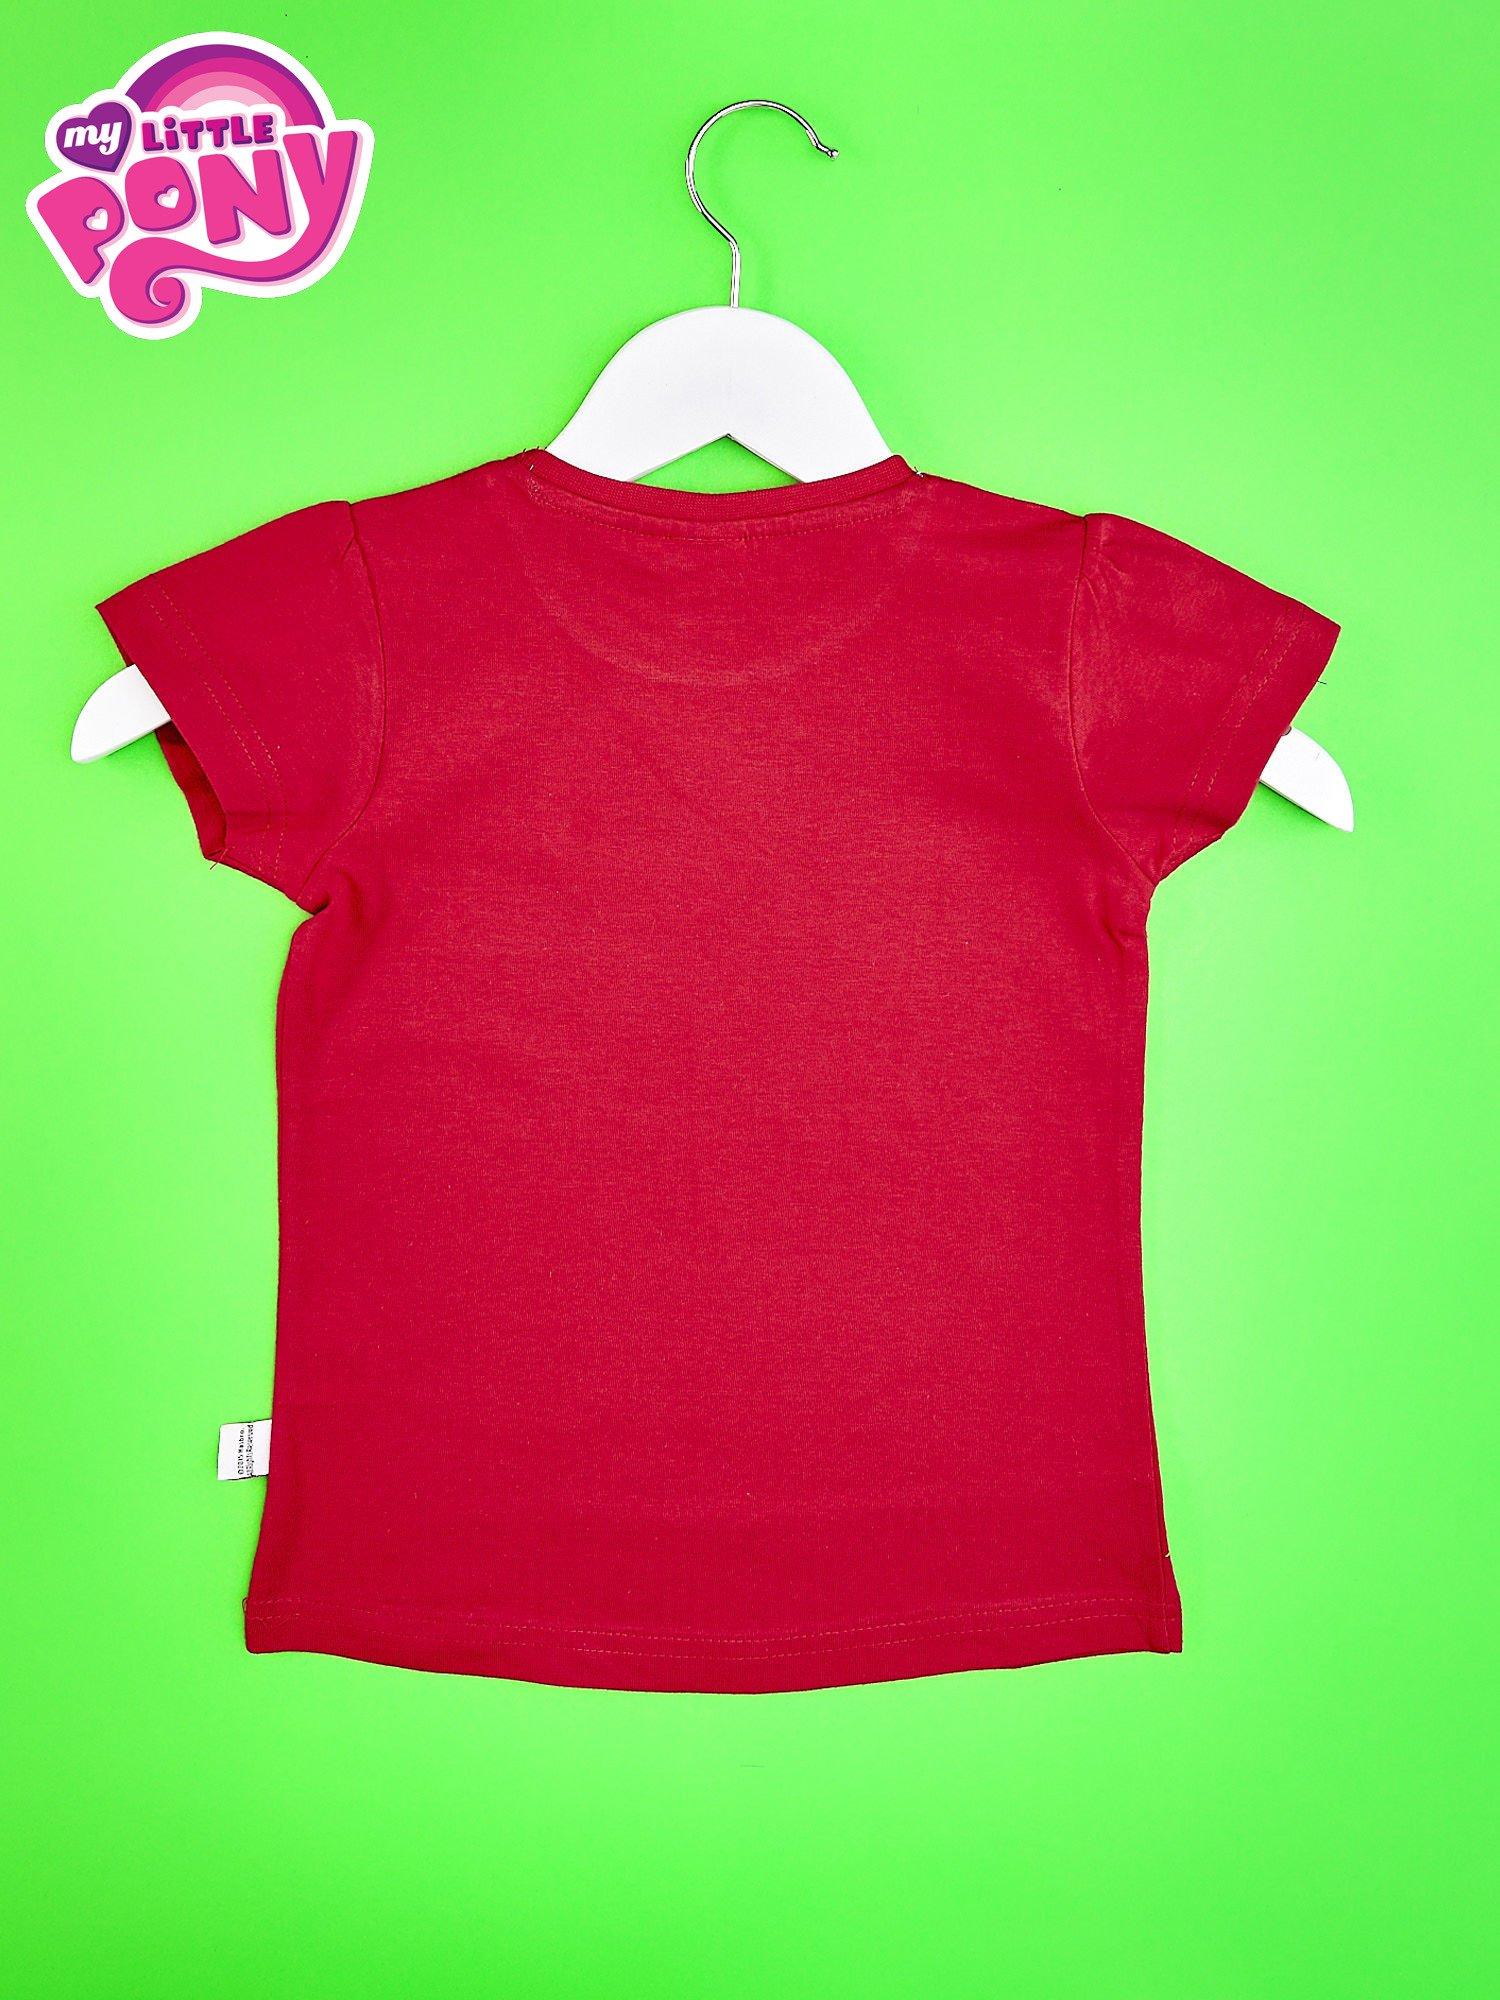 Czerwony t-shirt dla dziewczynki  motywem bajki MY LITTLE PONY                                   zdj.                                  2